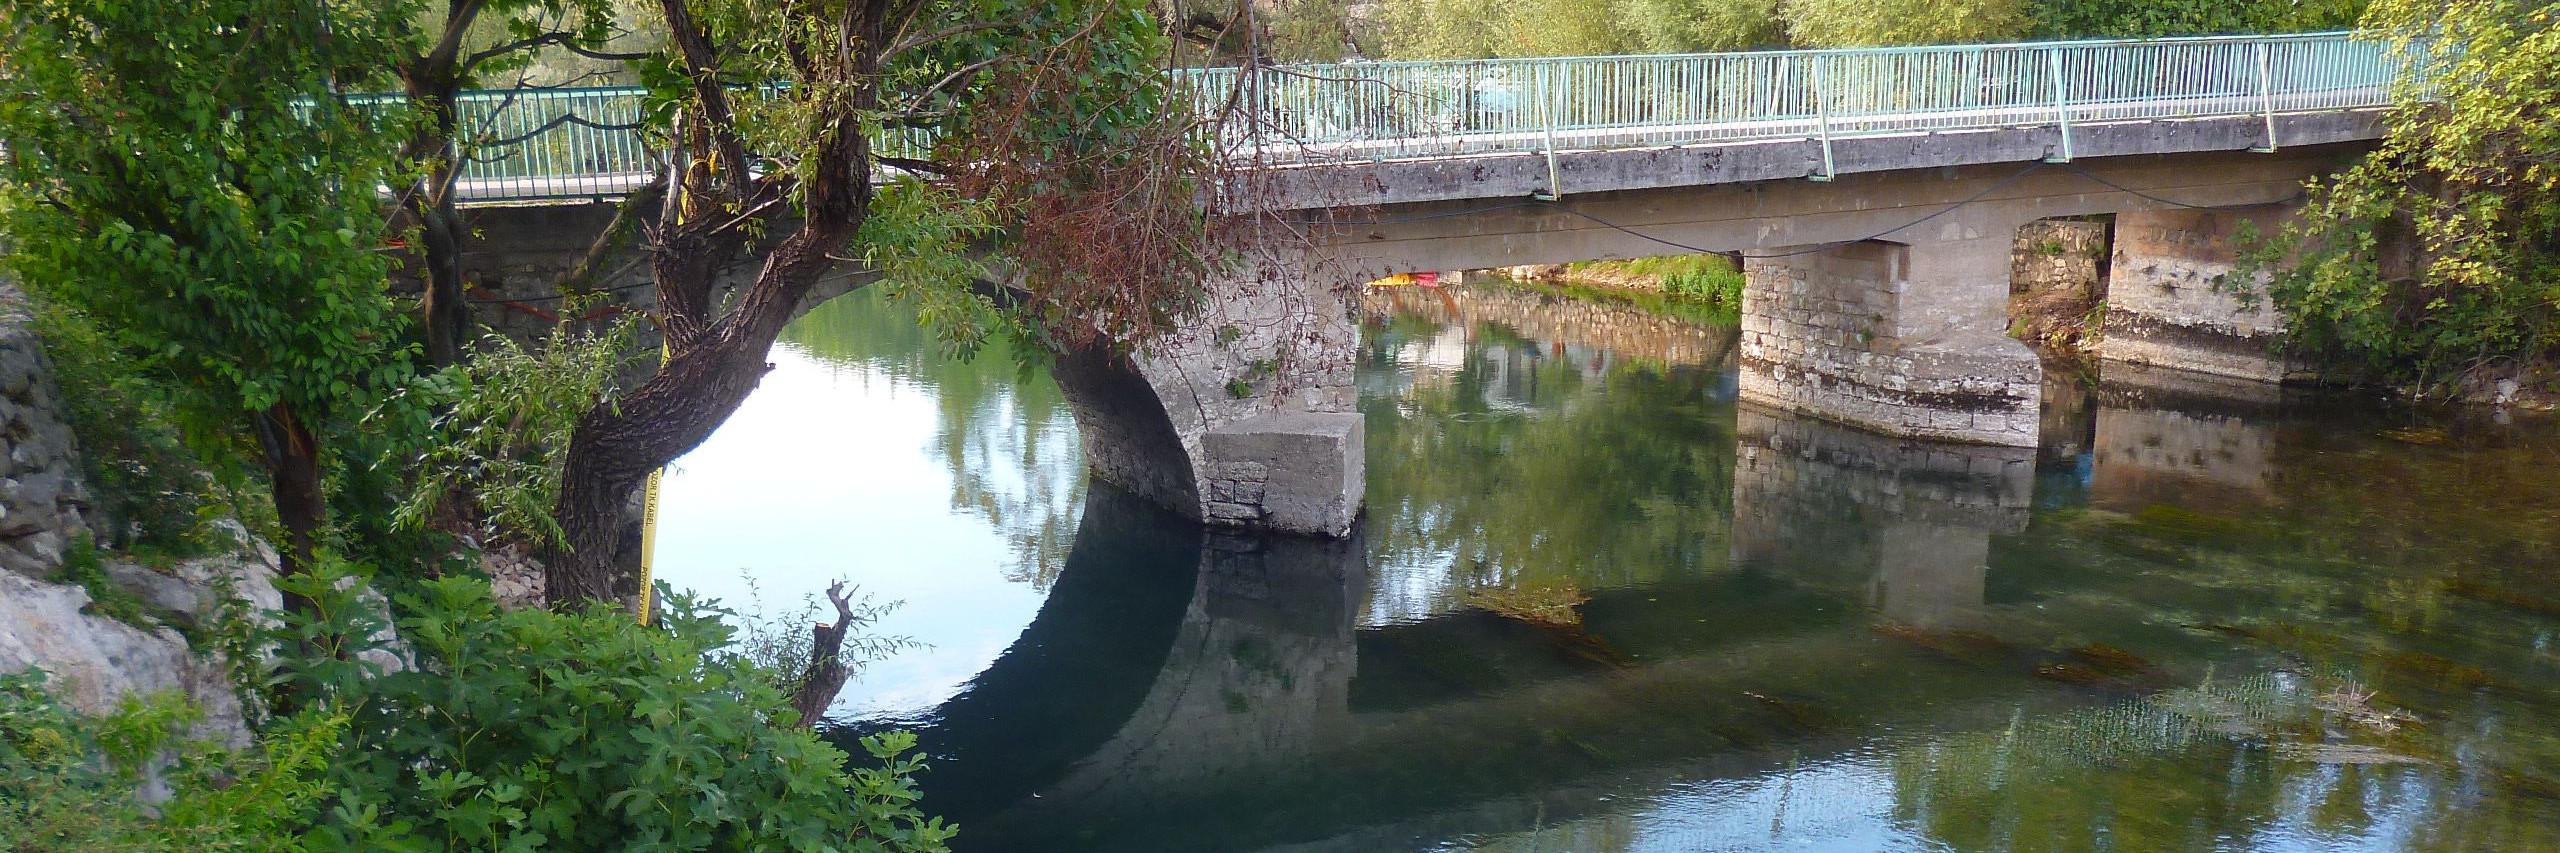 Лекин мост. Фото: Елена Арсениевич, CC BY-SA 3.0